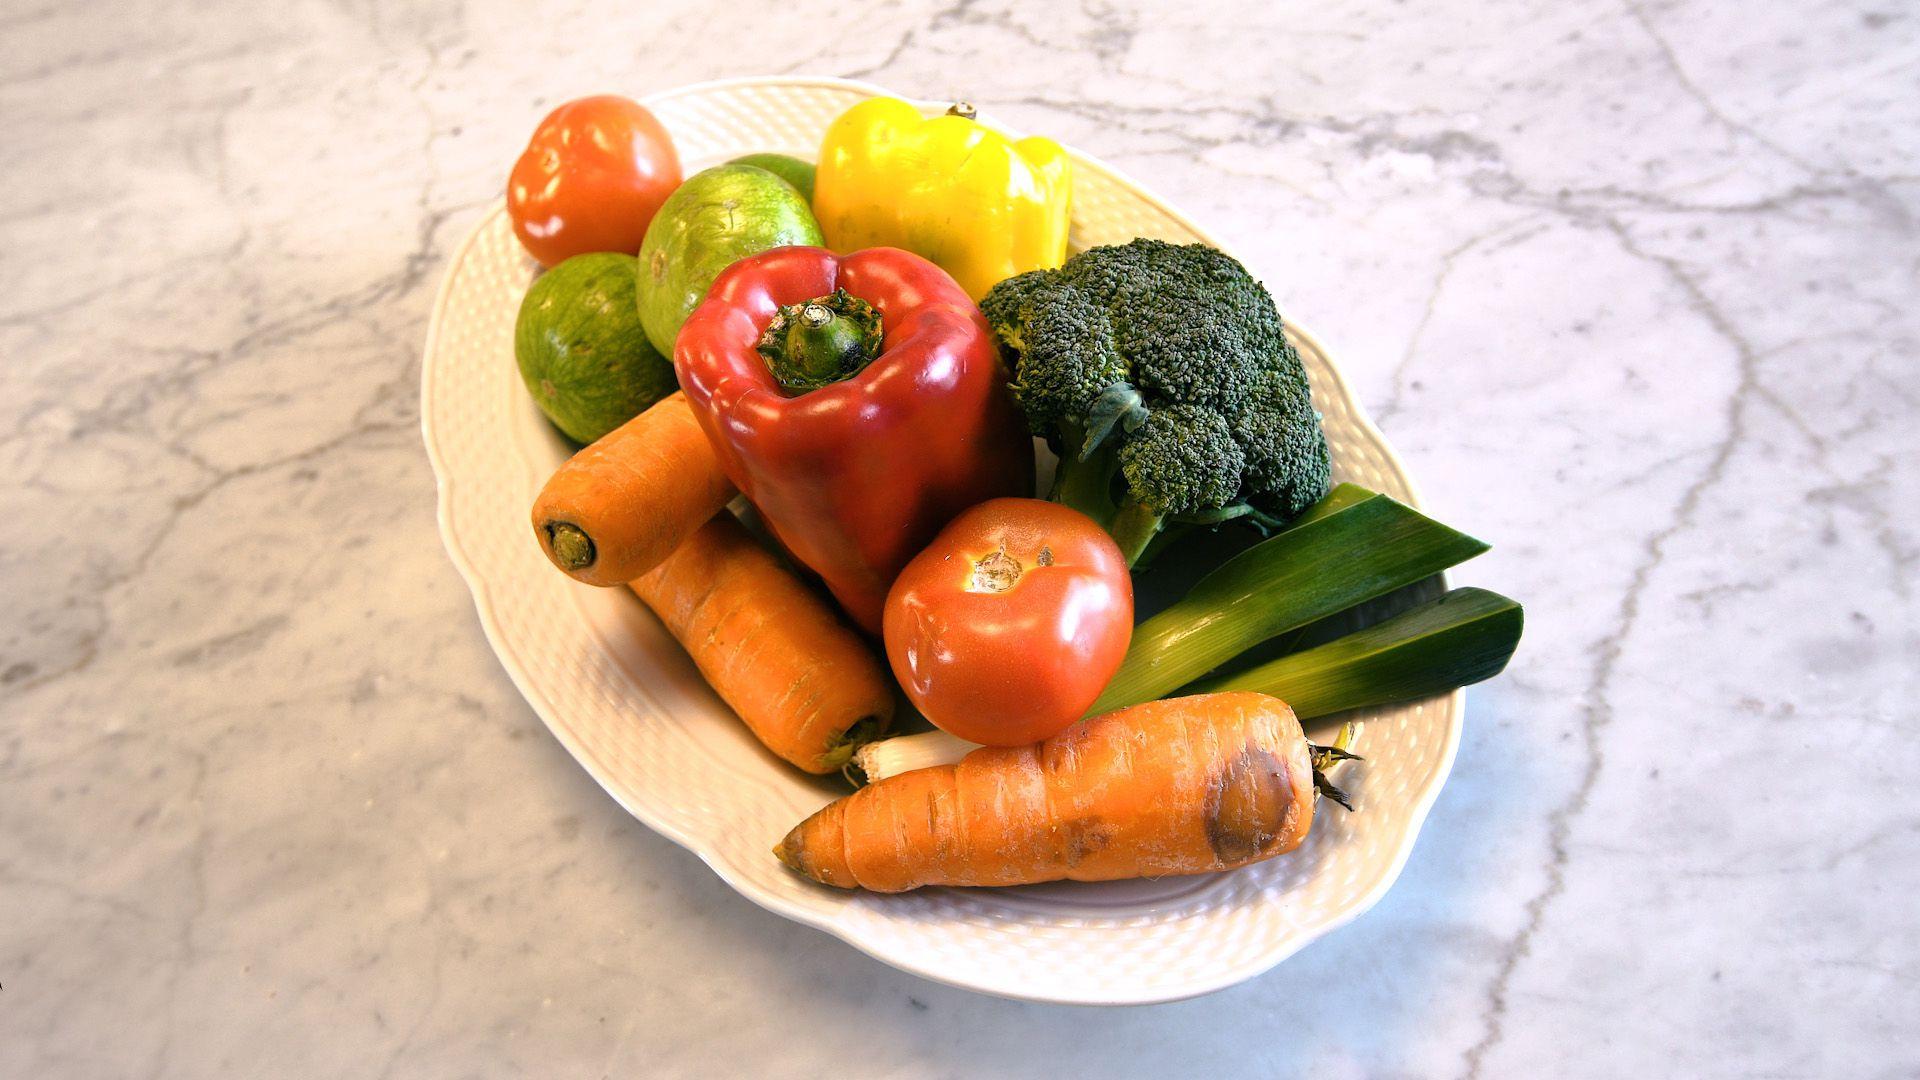 La OMS recomienda consumir al menos 5 frutas y verduras por día